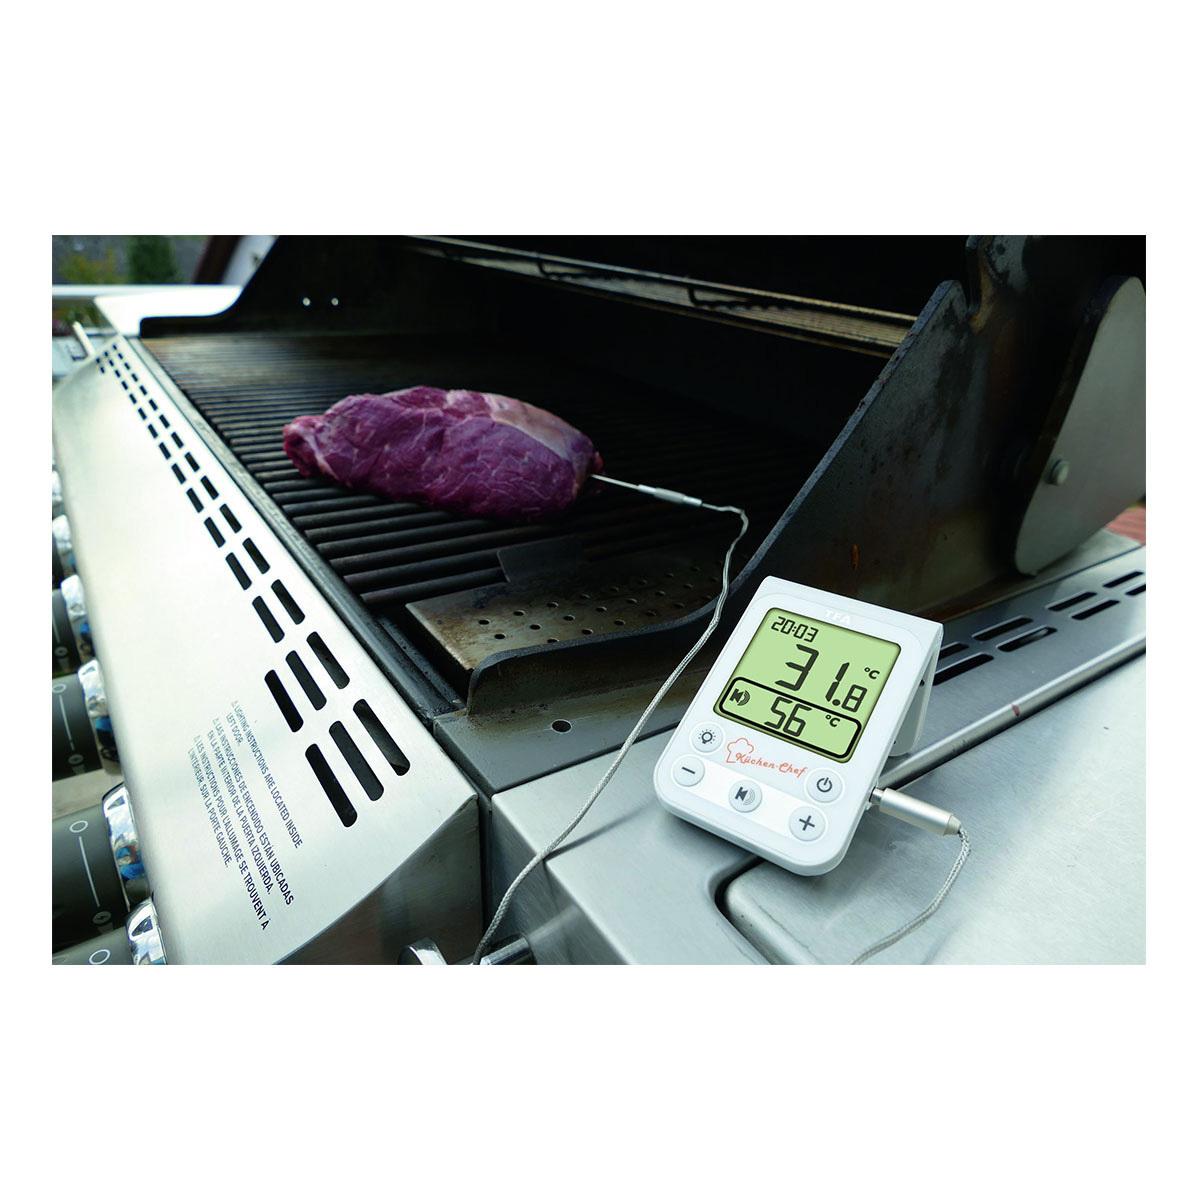 14-1510-02-digitales-grill-bratenthermometer-küchen-chef-anwendung1-1200x1200px.jpg